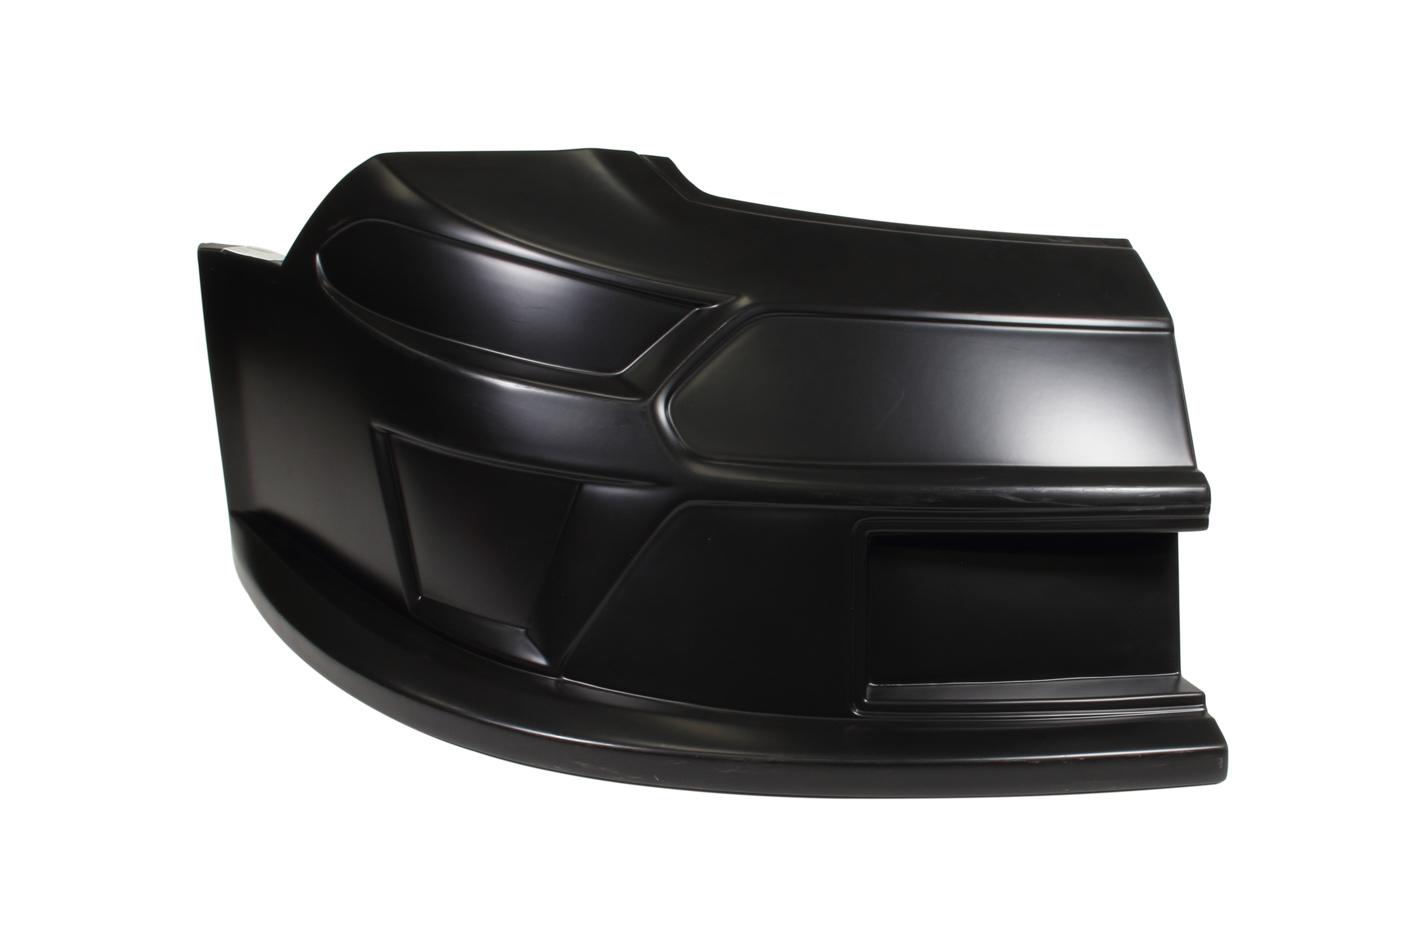 Fivestar 11322-41051-BR Nose, Passenger Side, Molded Plastic, Black, Ford Mustang, 2019 Late Model, Each